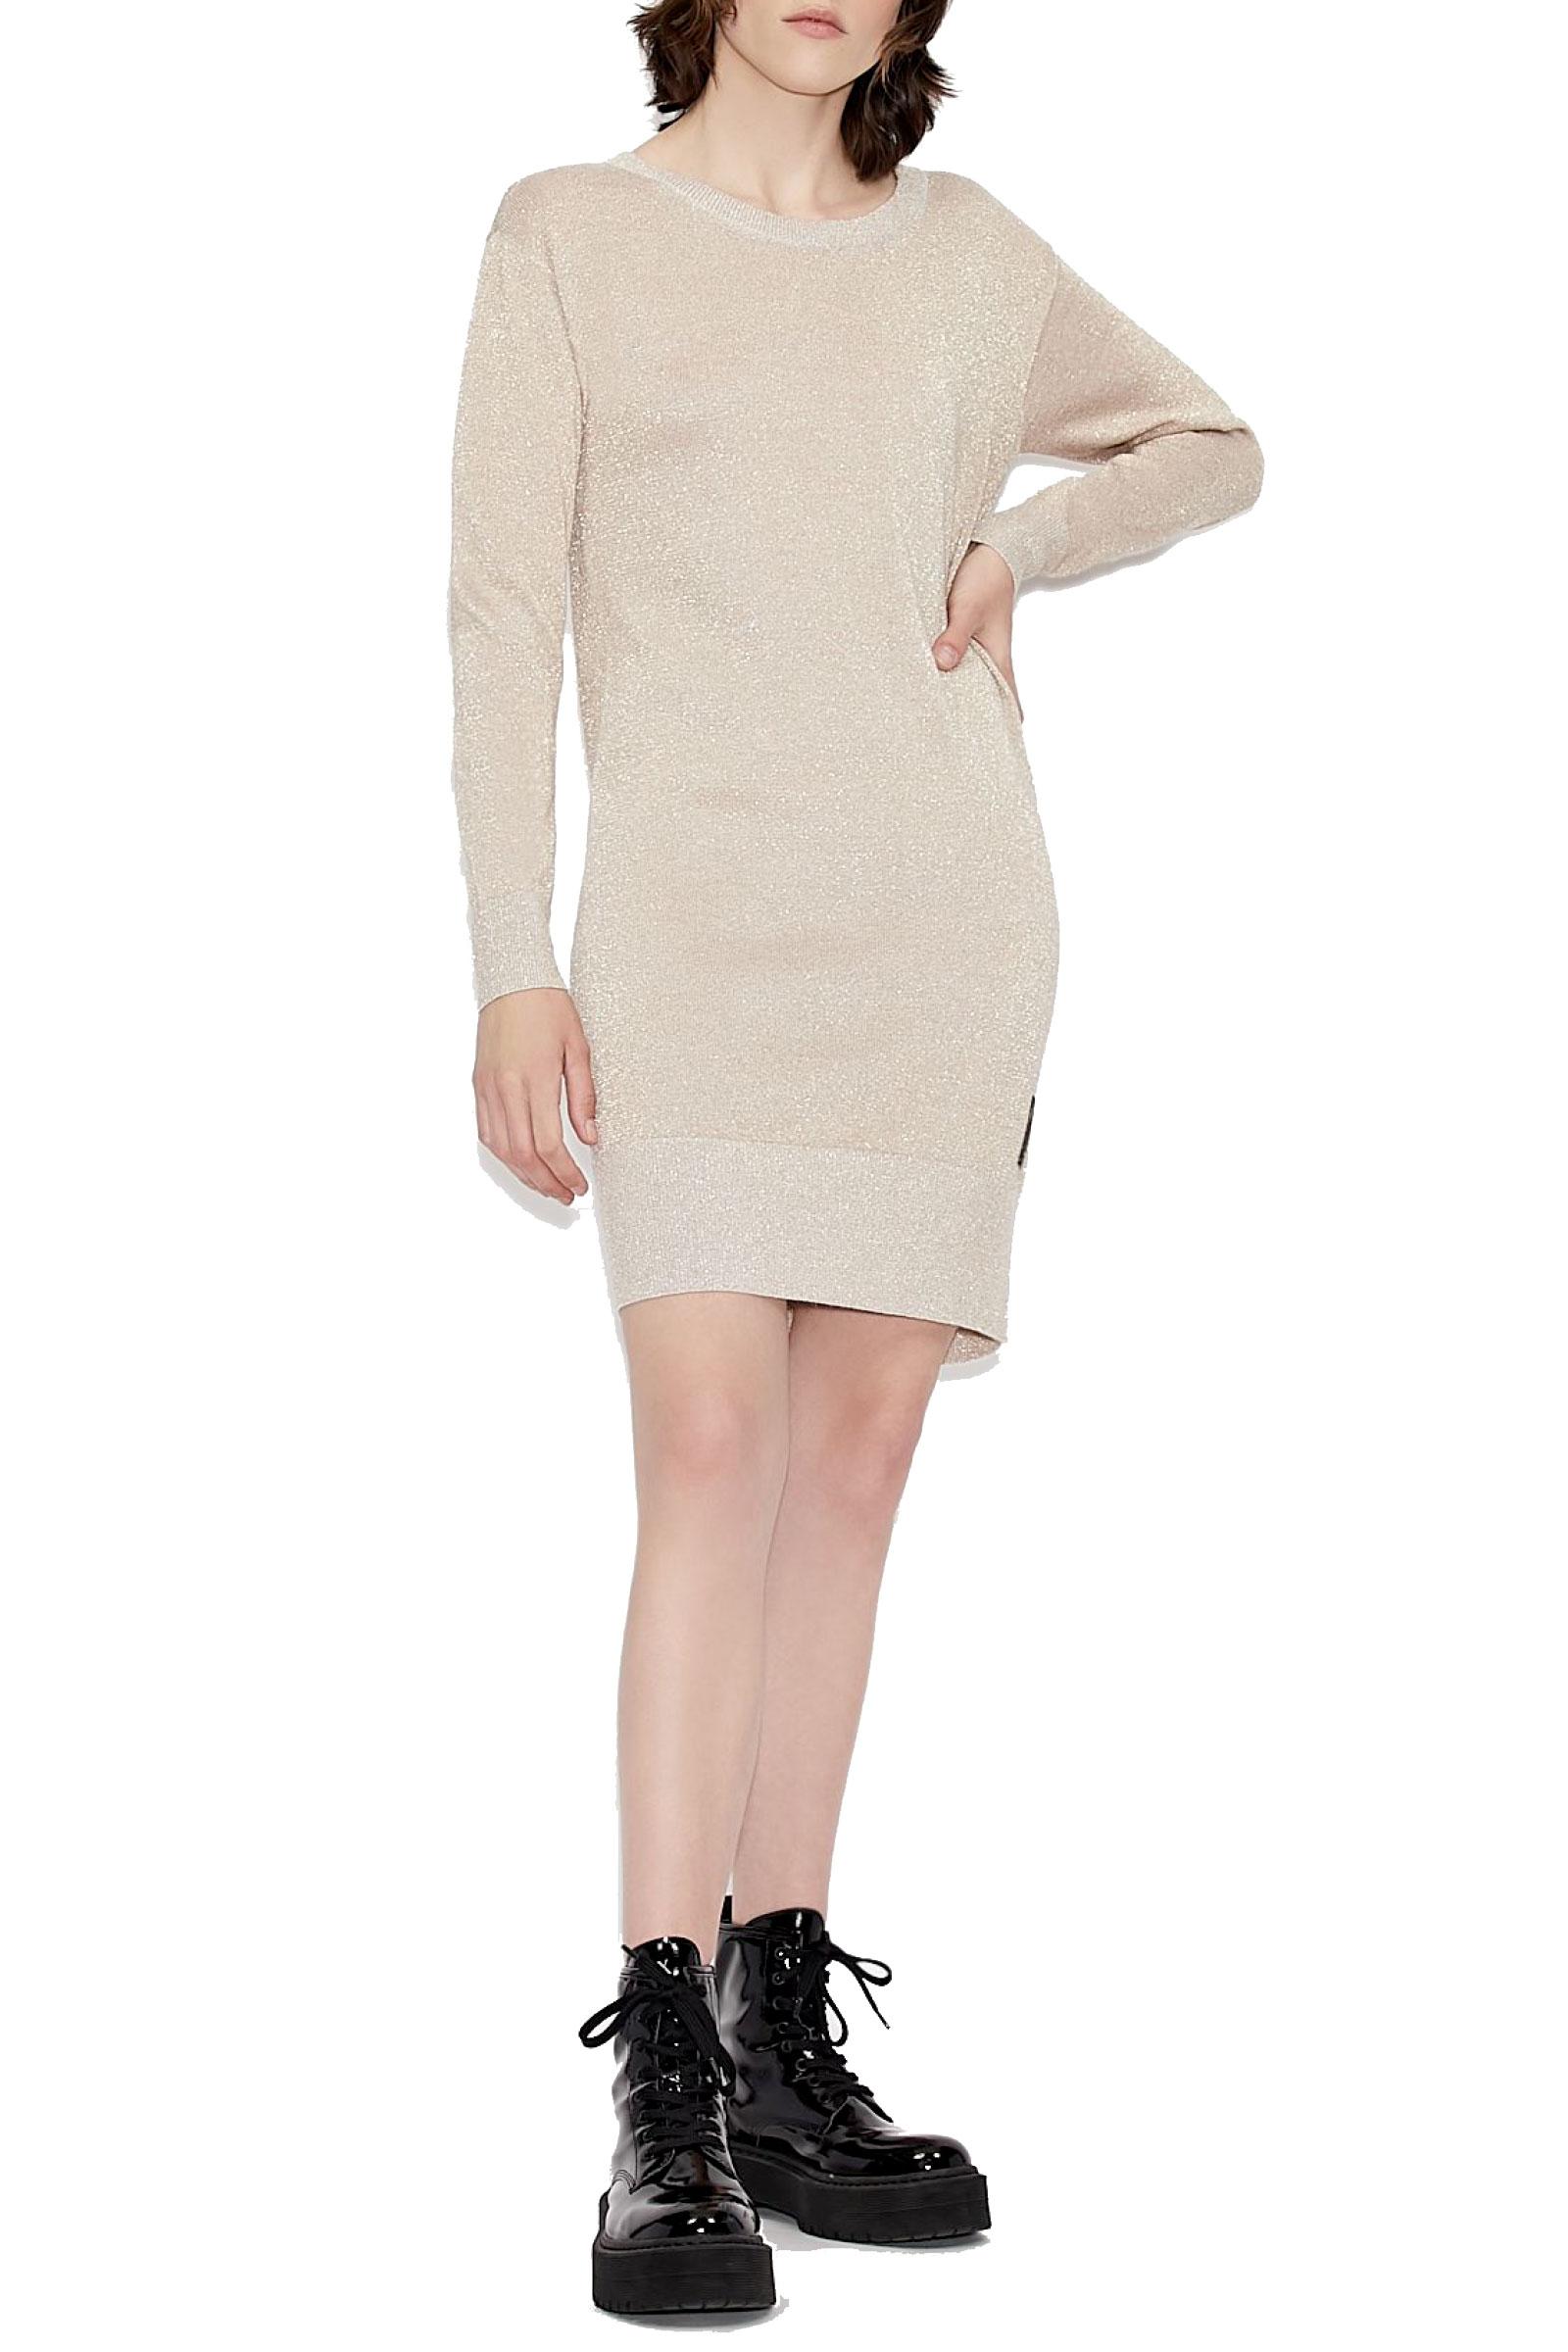 ARMANI EXCHANGE | Dress | 6KYA1H YMT7Z1672